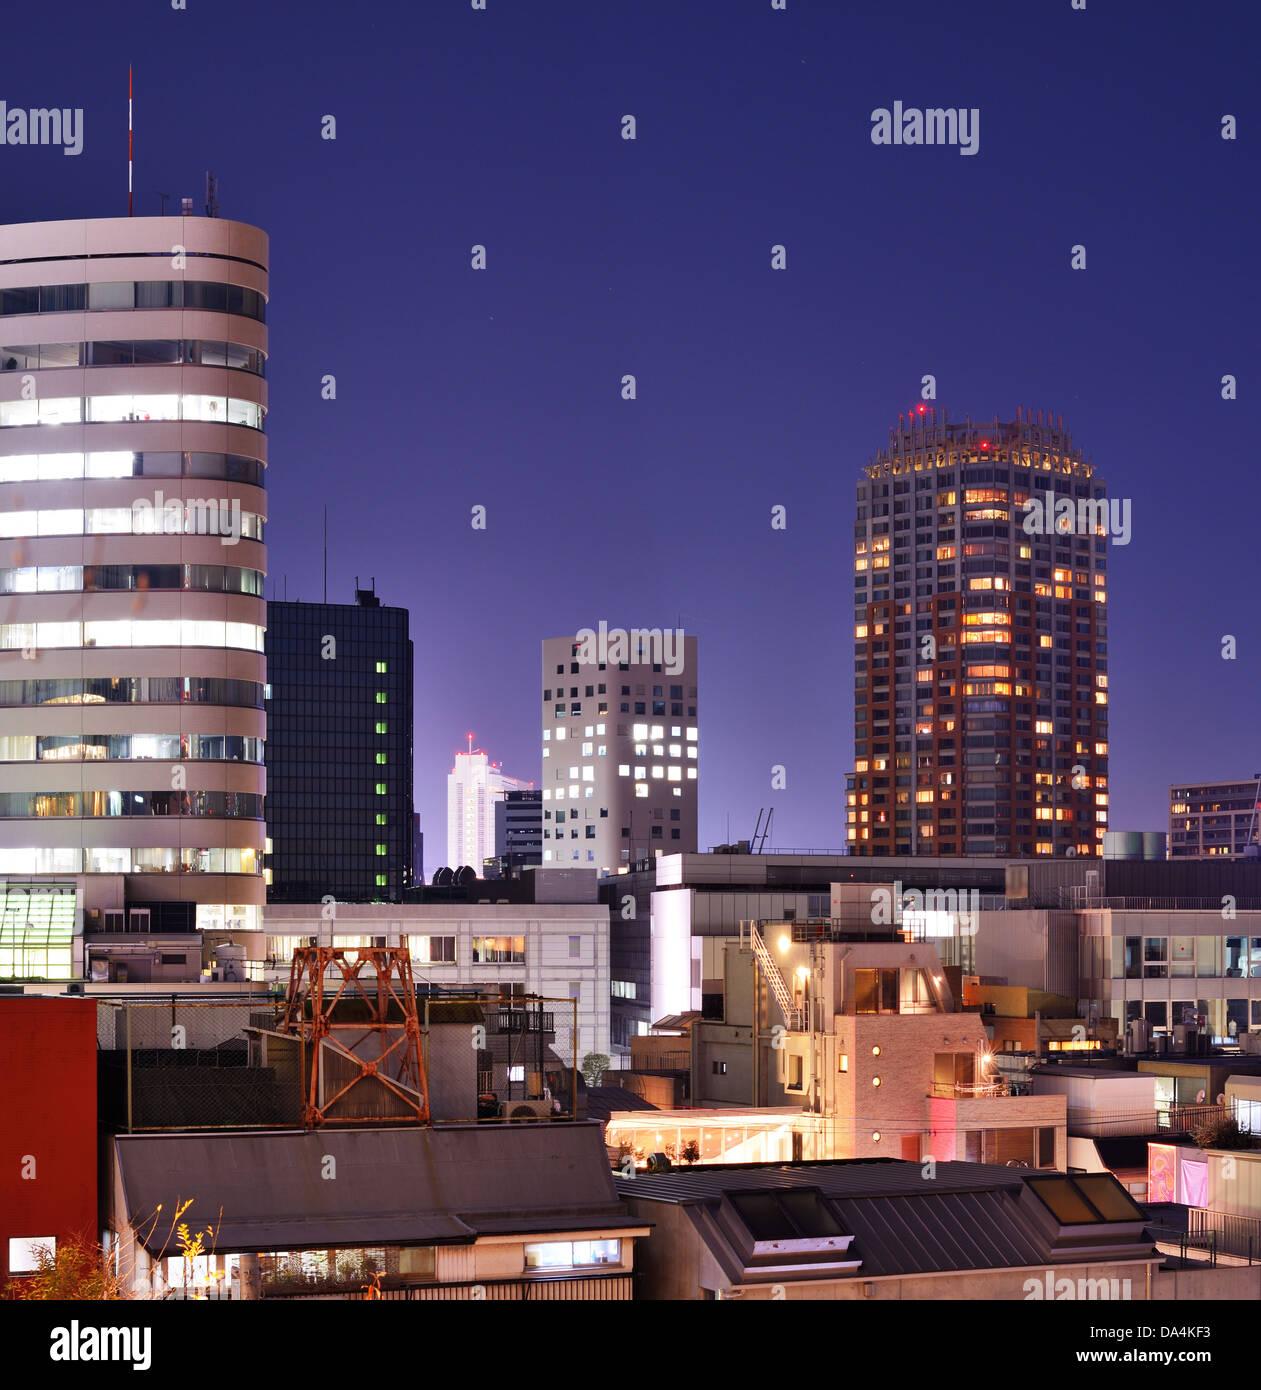 Ebisu del paisaje urbano en el distrito de Tokio, Japón en la noche. Imagen De Stock